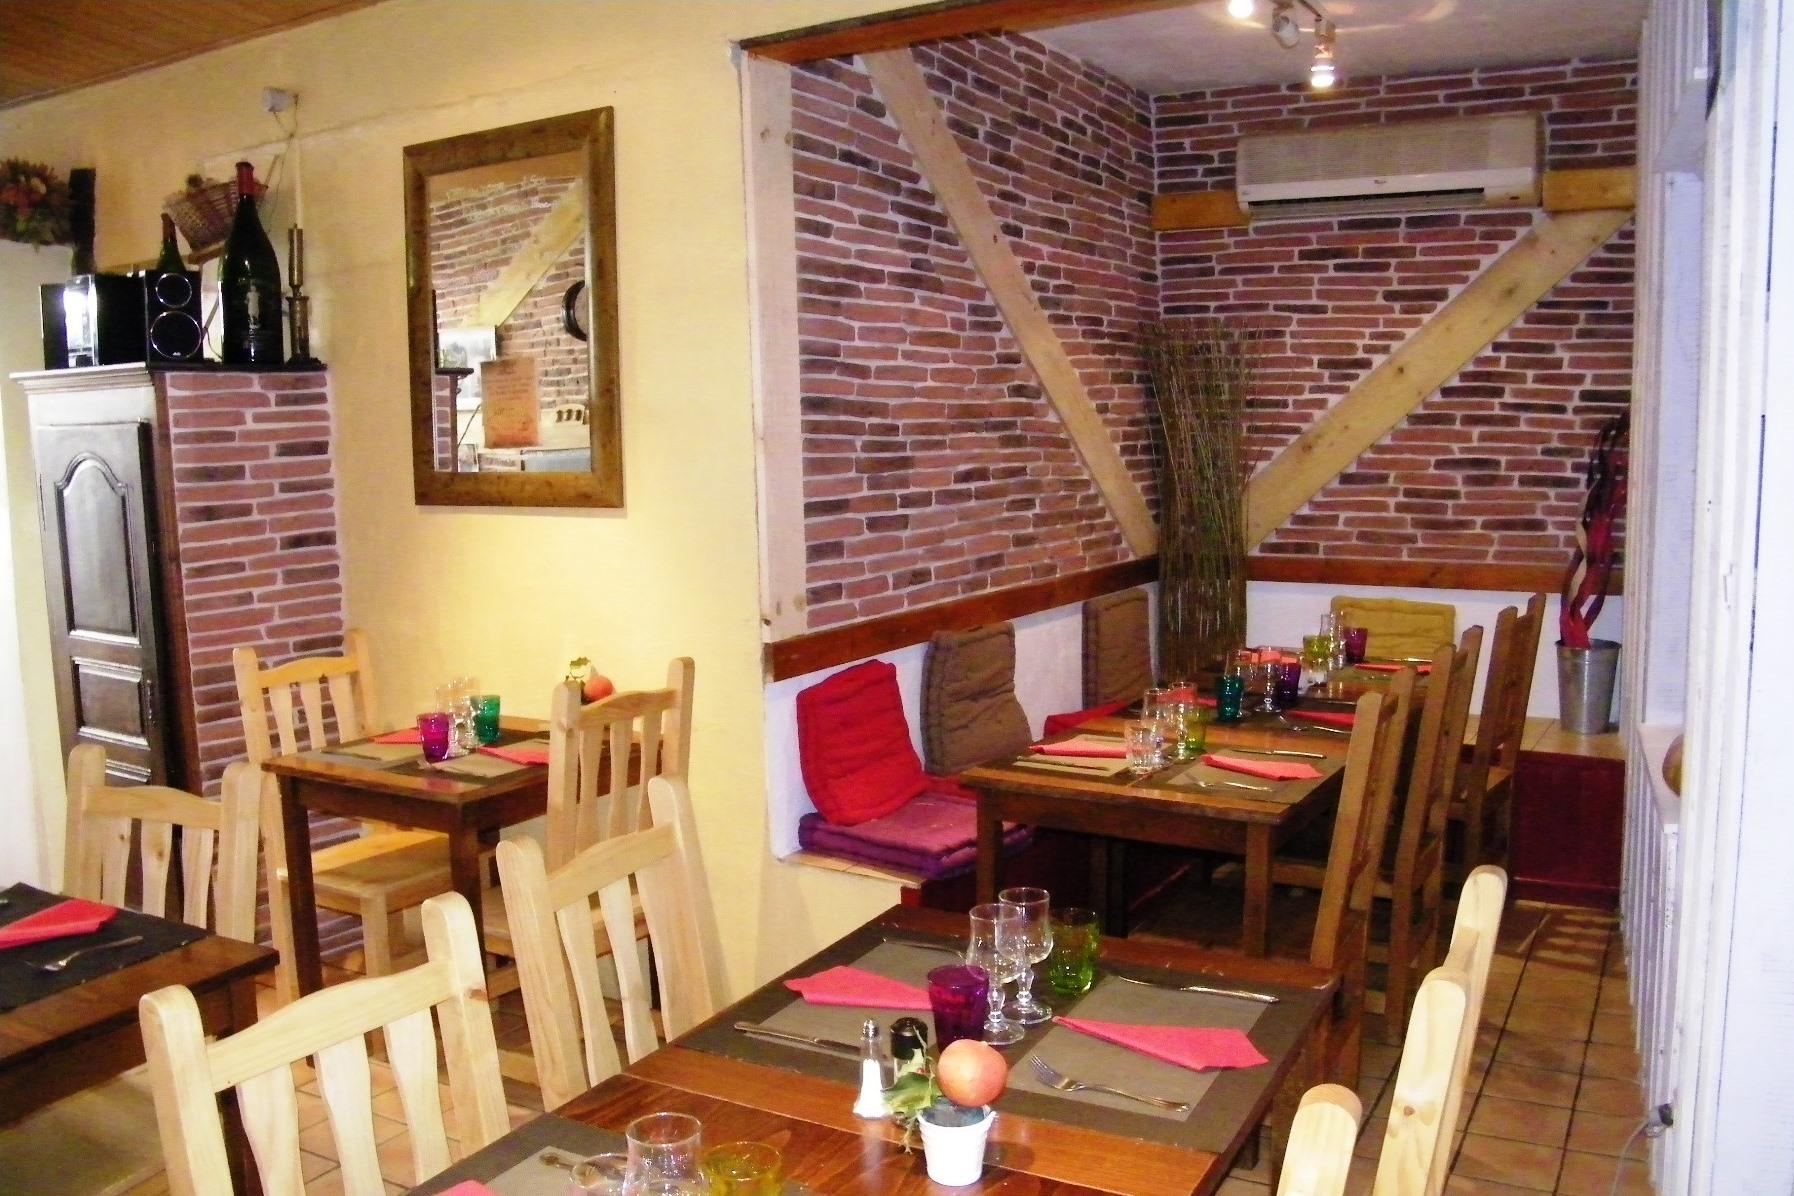 Restaurant Le Relais des Arts